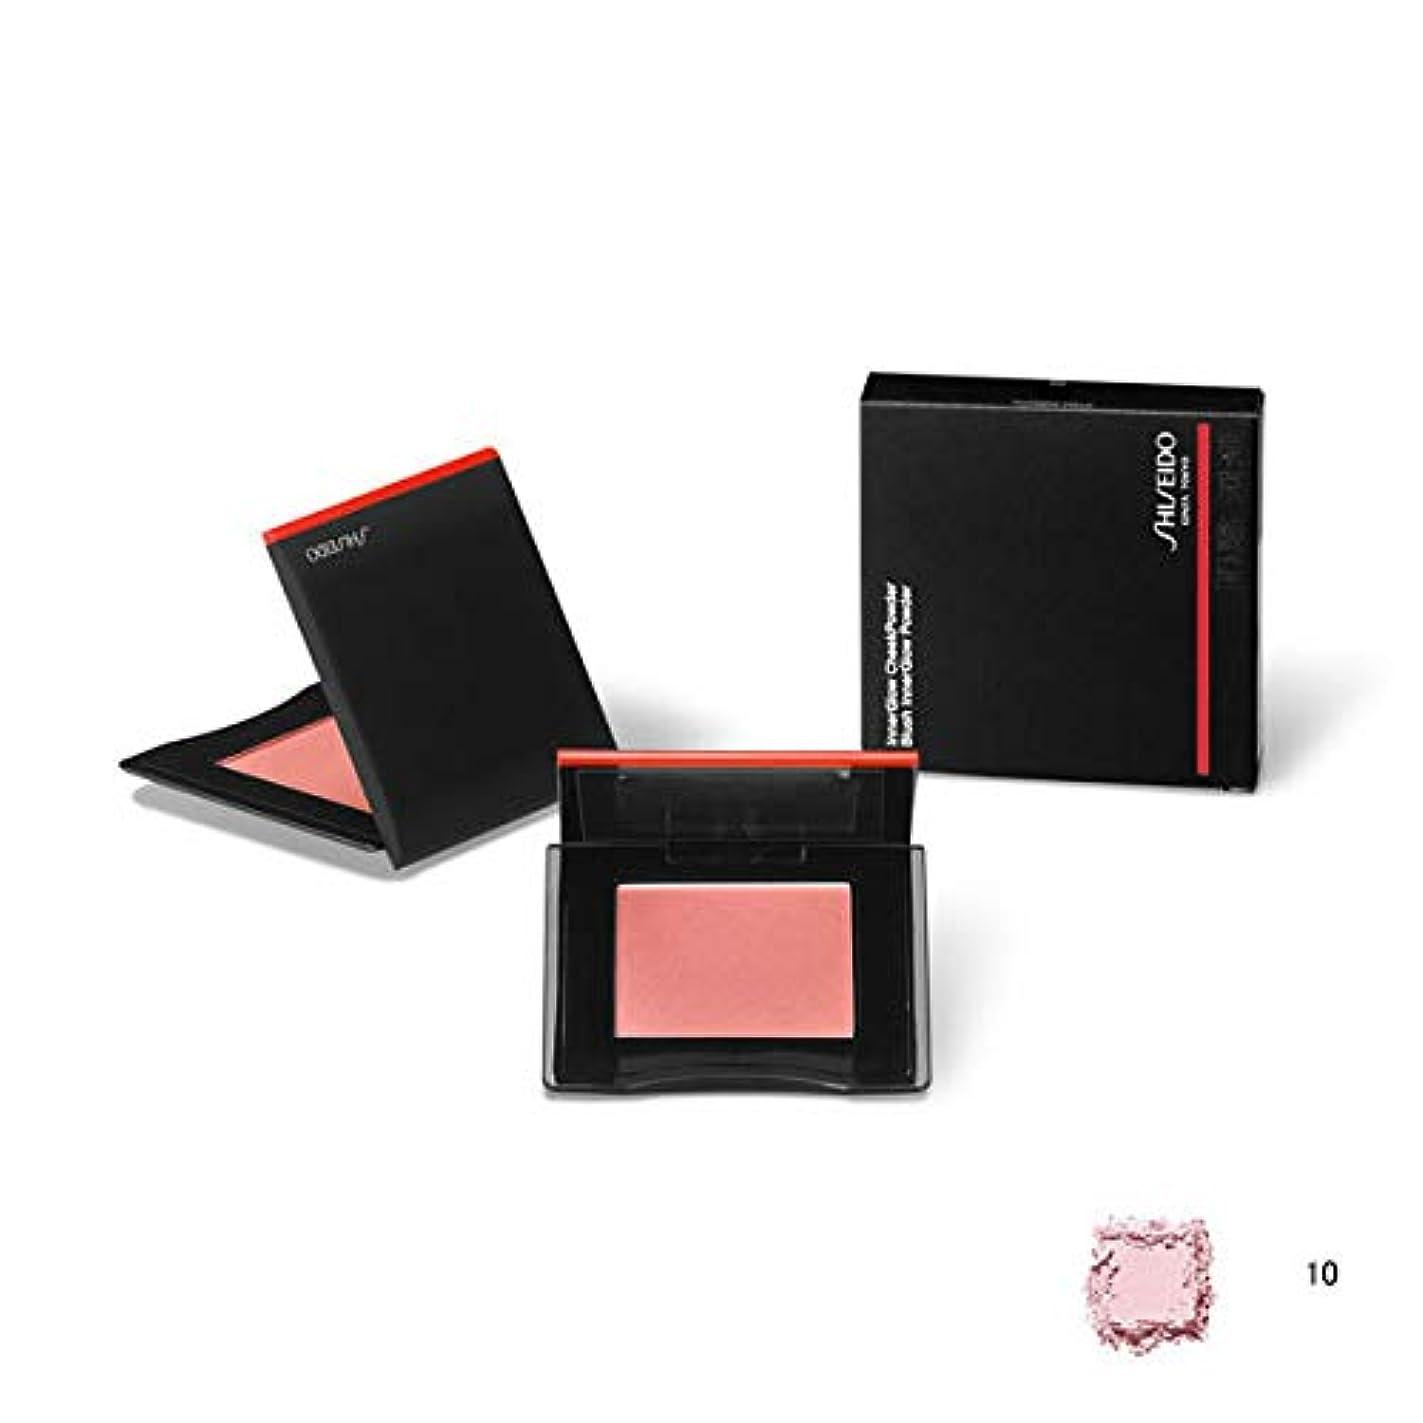 約束するヒントダムSHISEIDO Makeup(資生堂 メーキャップ) SHISEIDO(資生堂) SHISEIDO インナーグロウ チークパウダー 4g (10)